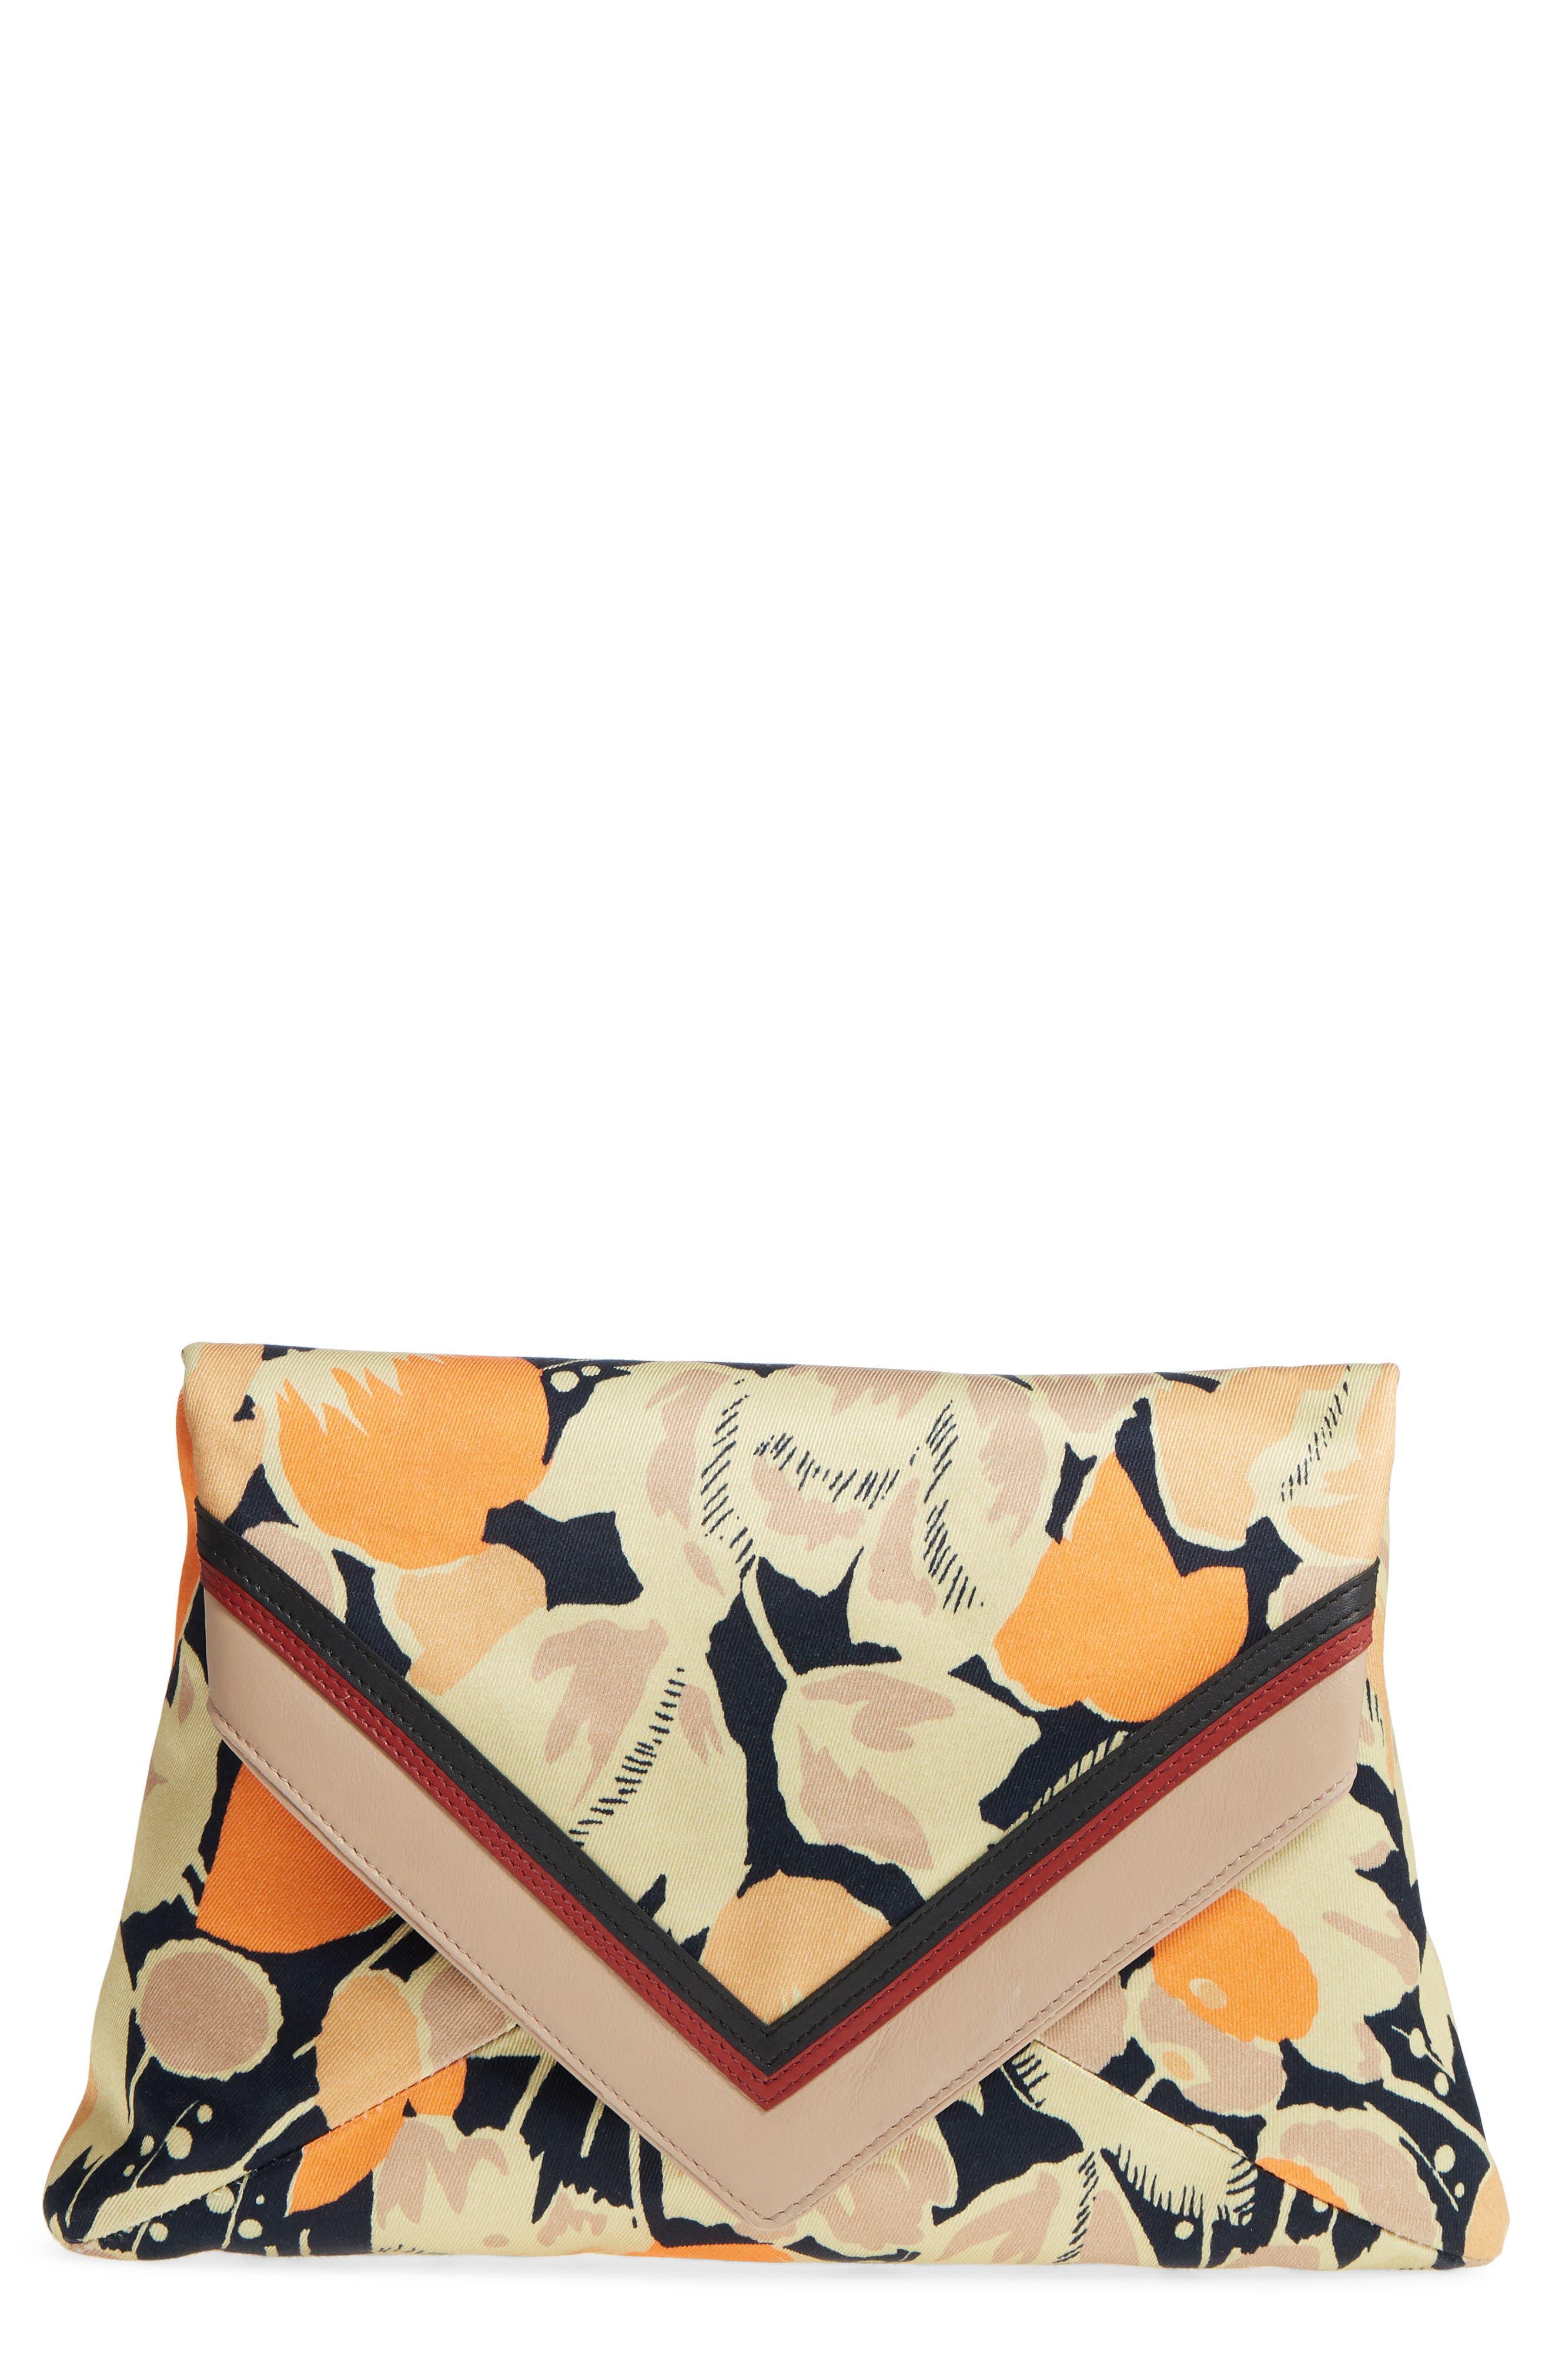 DRIES VAN NOTEN Floral Print Envelope Clutch, Main, color, 800